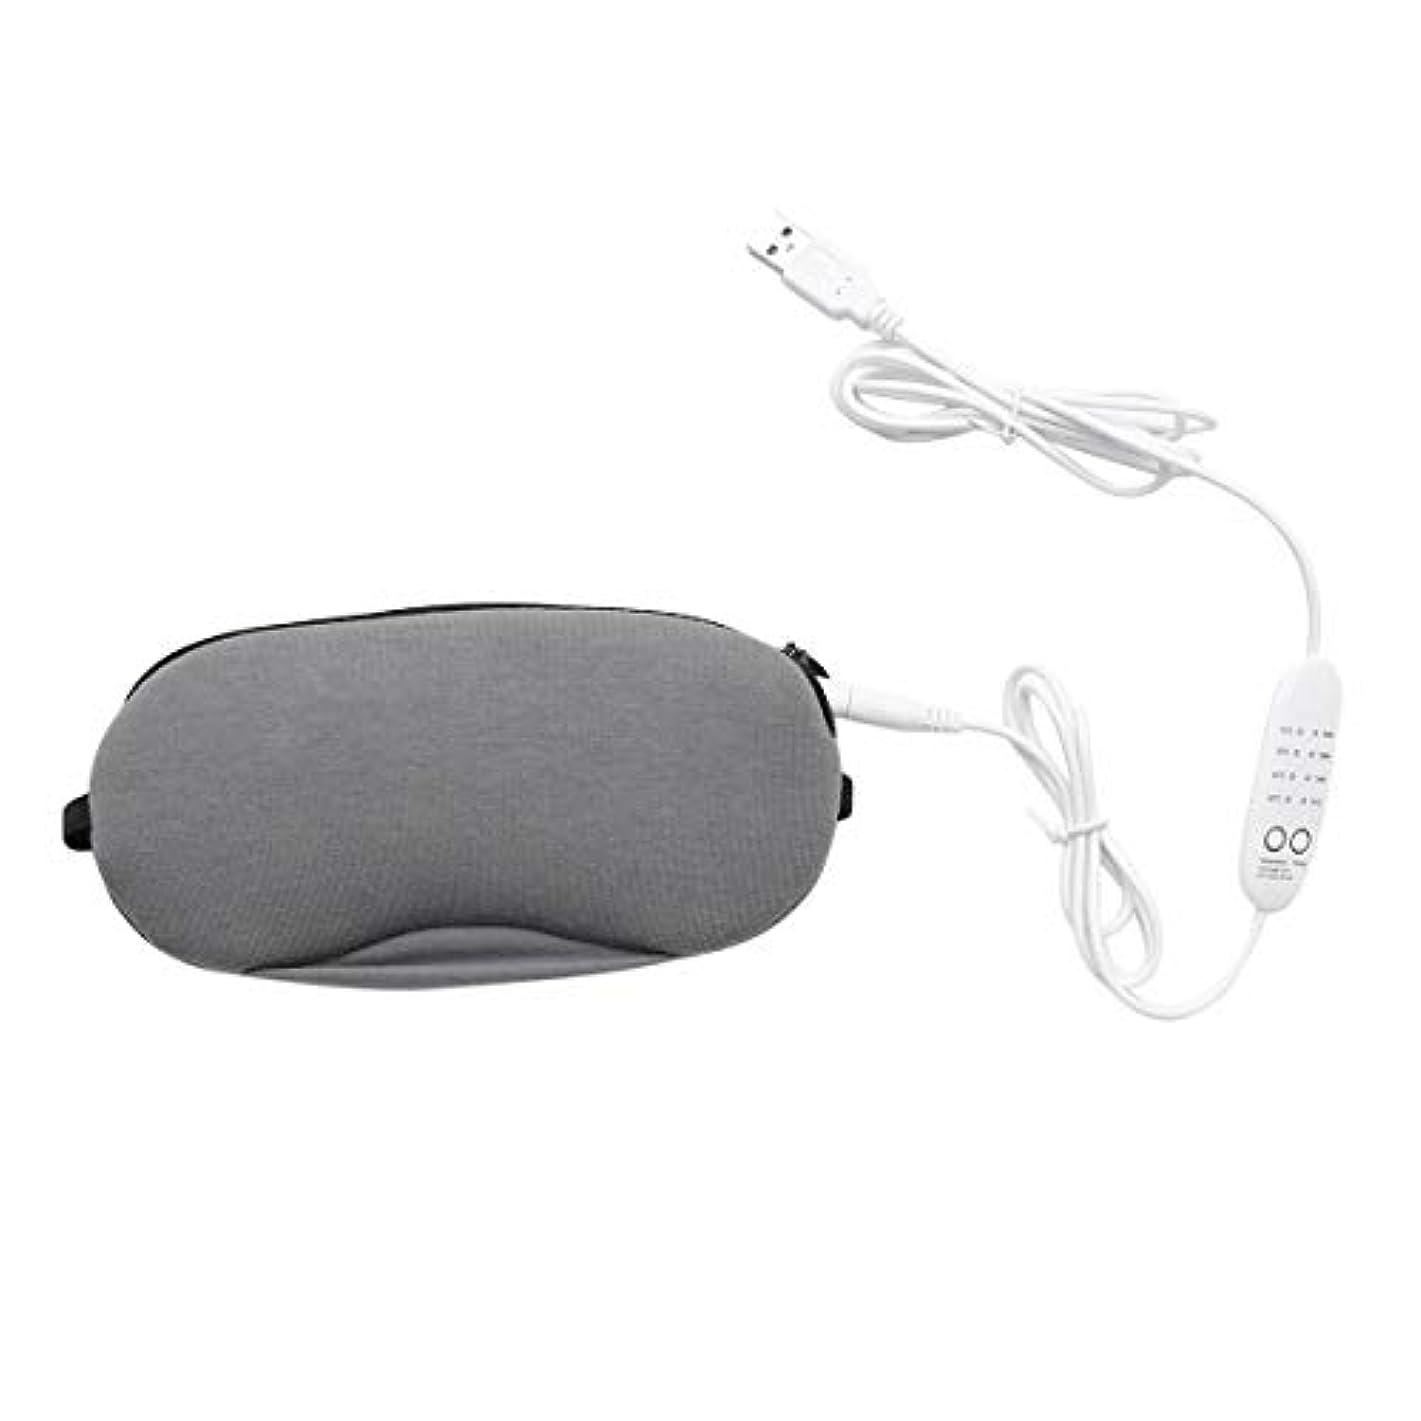 散らす宮殿パキスタン人不眠症を和らげるためのHealifty USBスチームアイマスク目隠しホットコンプレッションアイシールドドライアイ疲労(グレー)